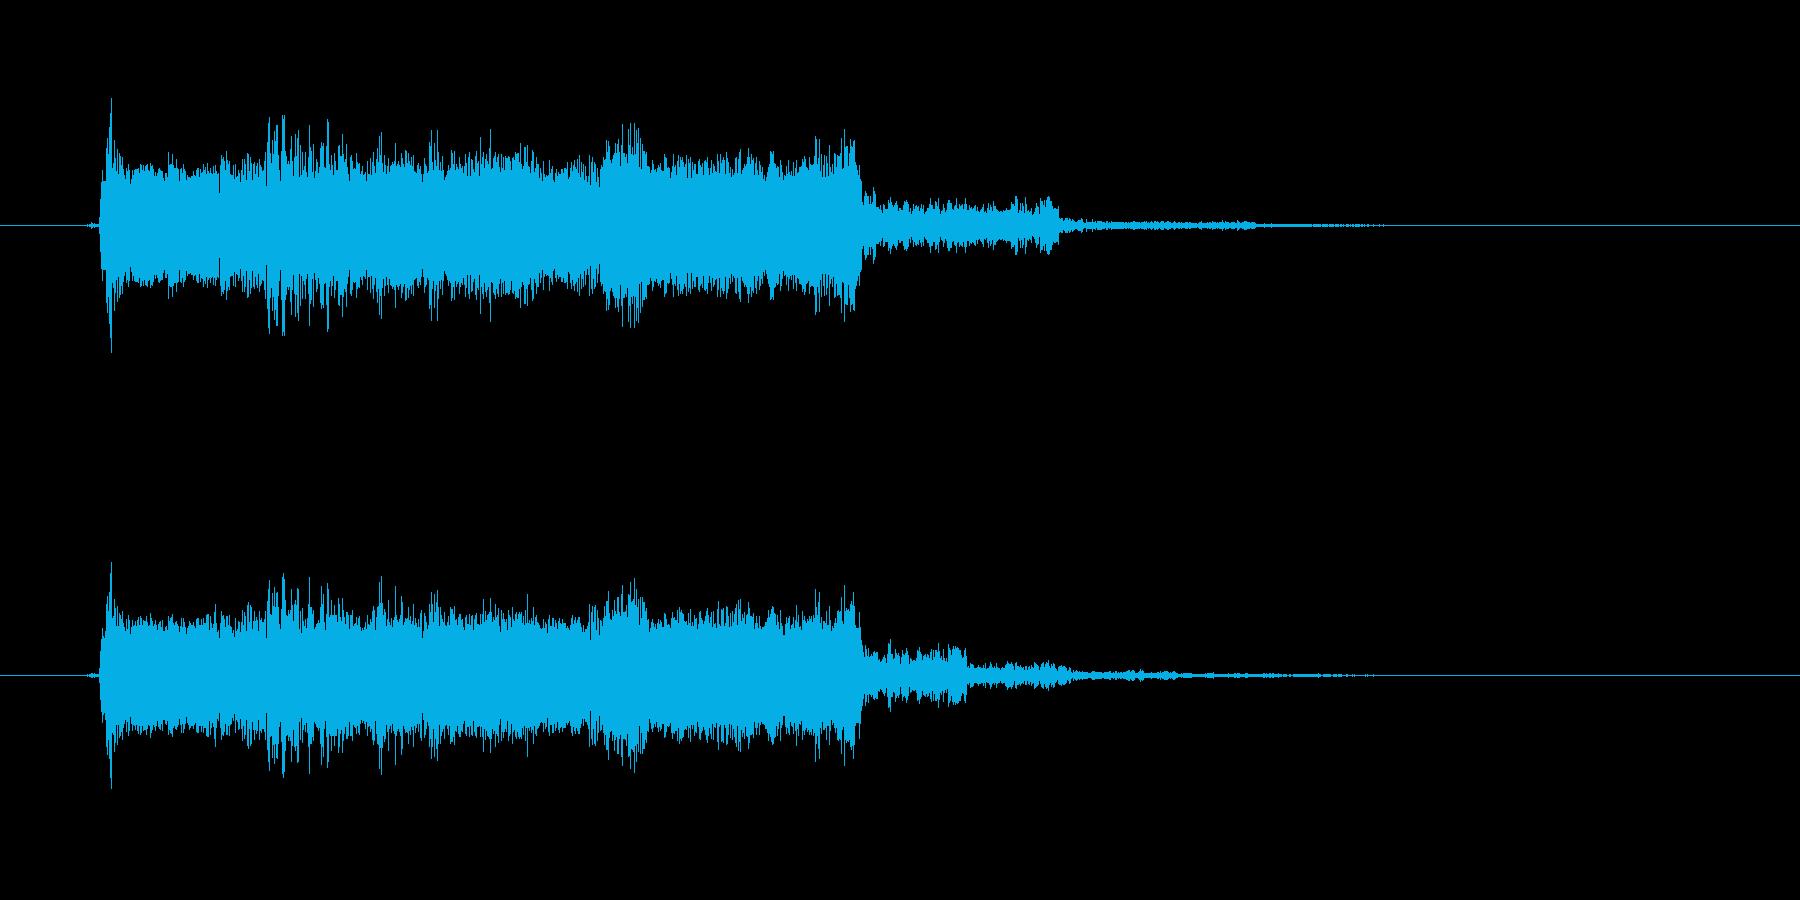 おしゃれギターサウンド(ジングル、転換)の再生済みの波形